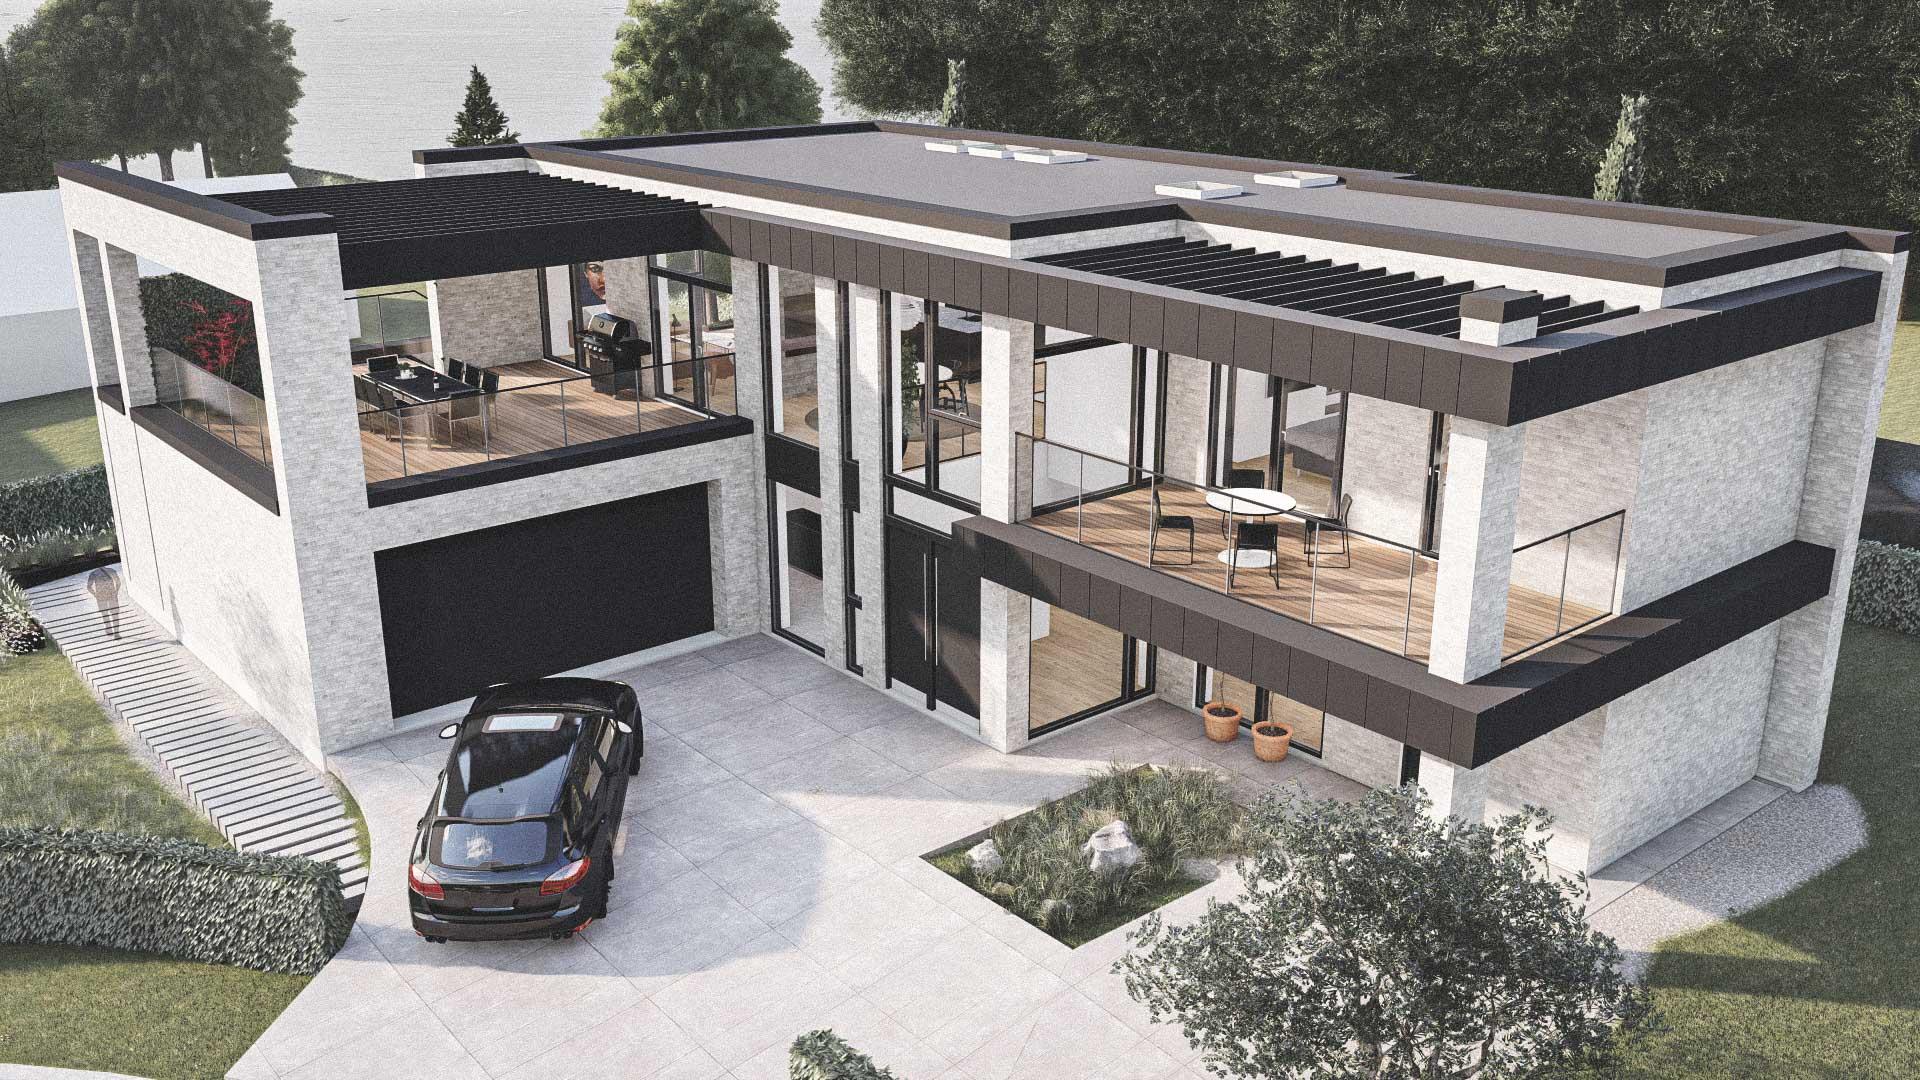 Billede af et arkitekt tegnet projektforslag af ny 2plans drømme villa i Middelfart, af det danske arkitektfirma m2plus